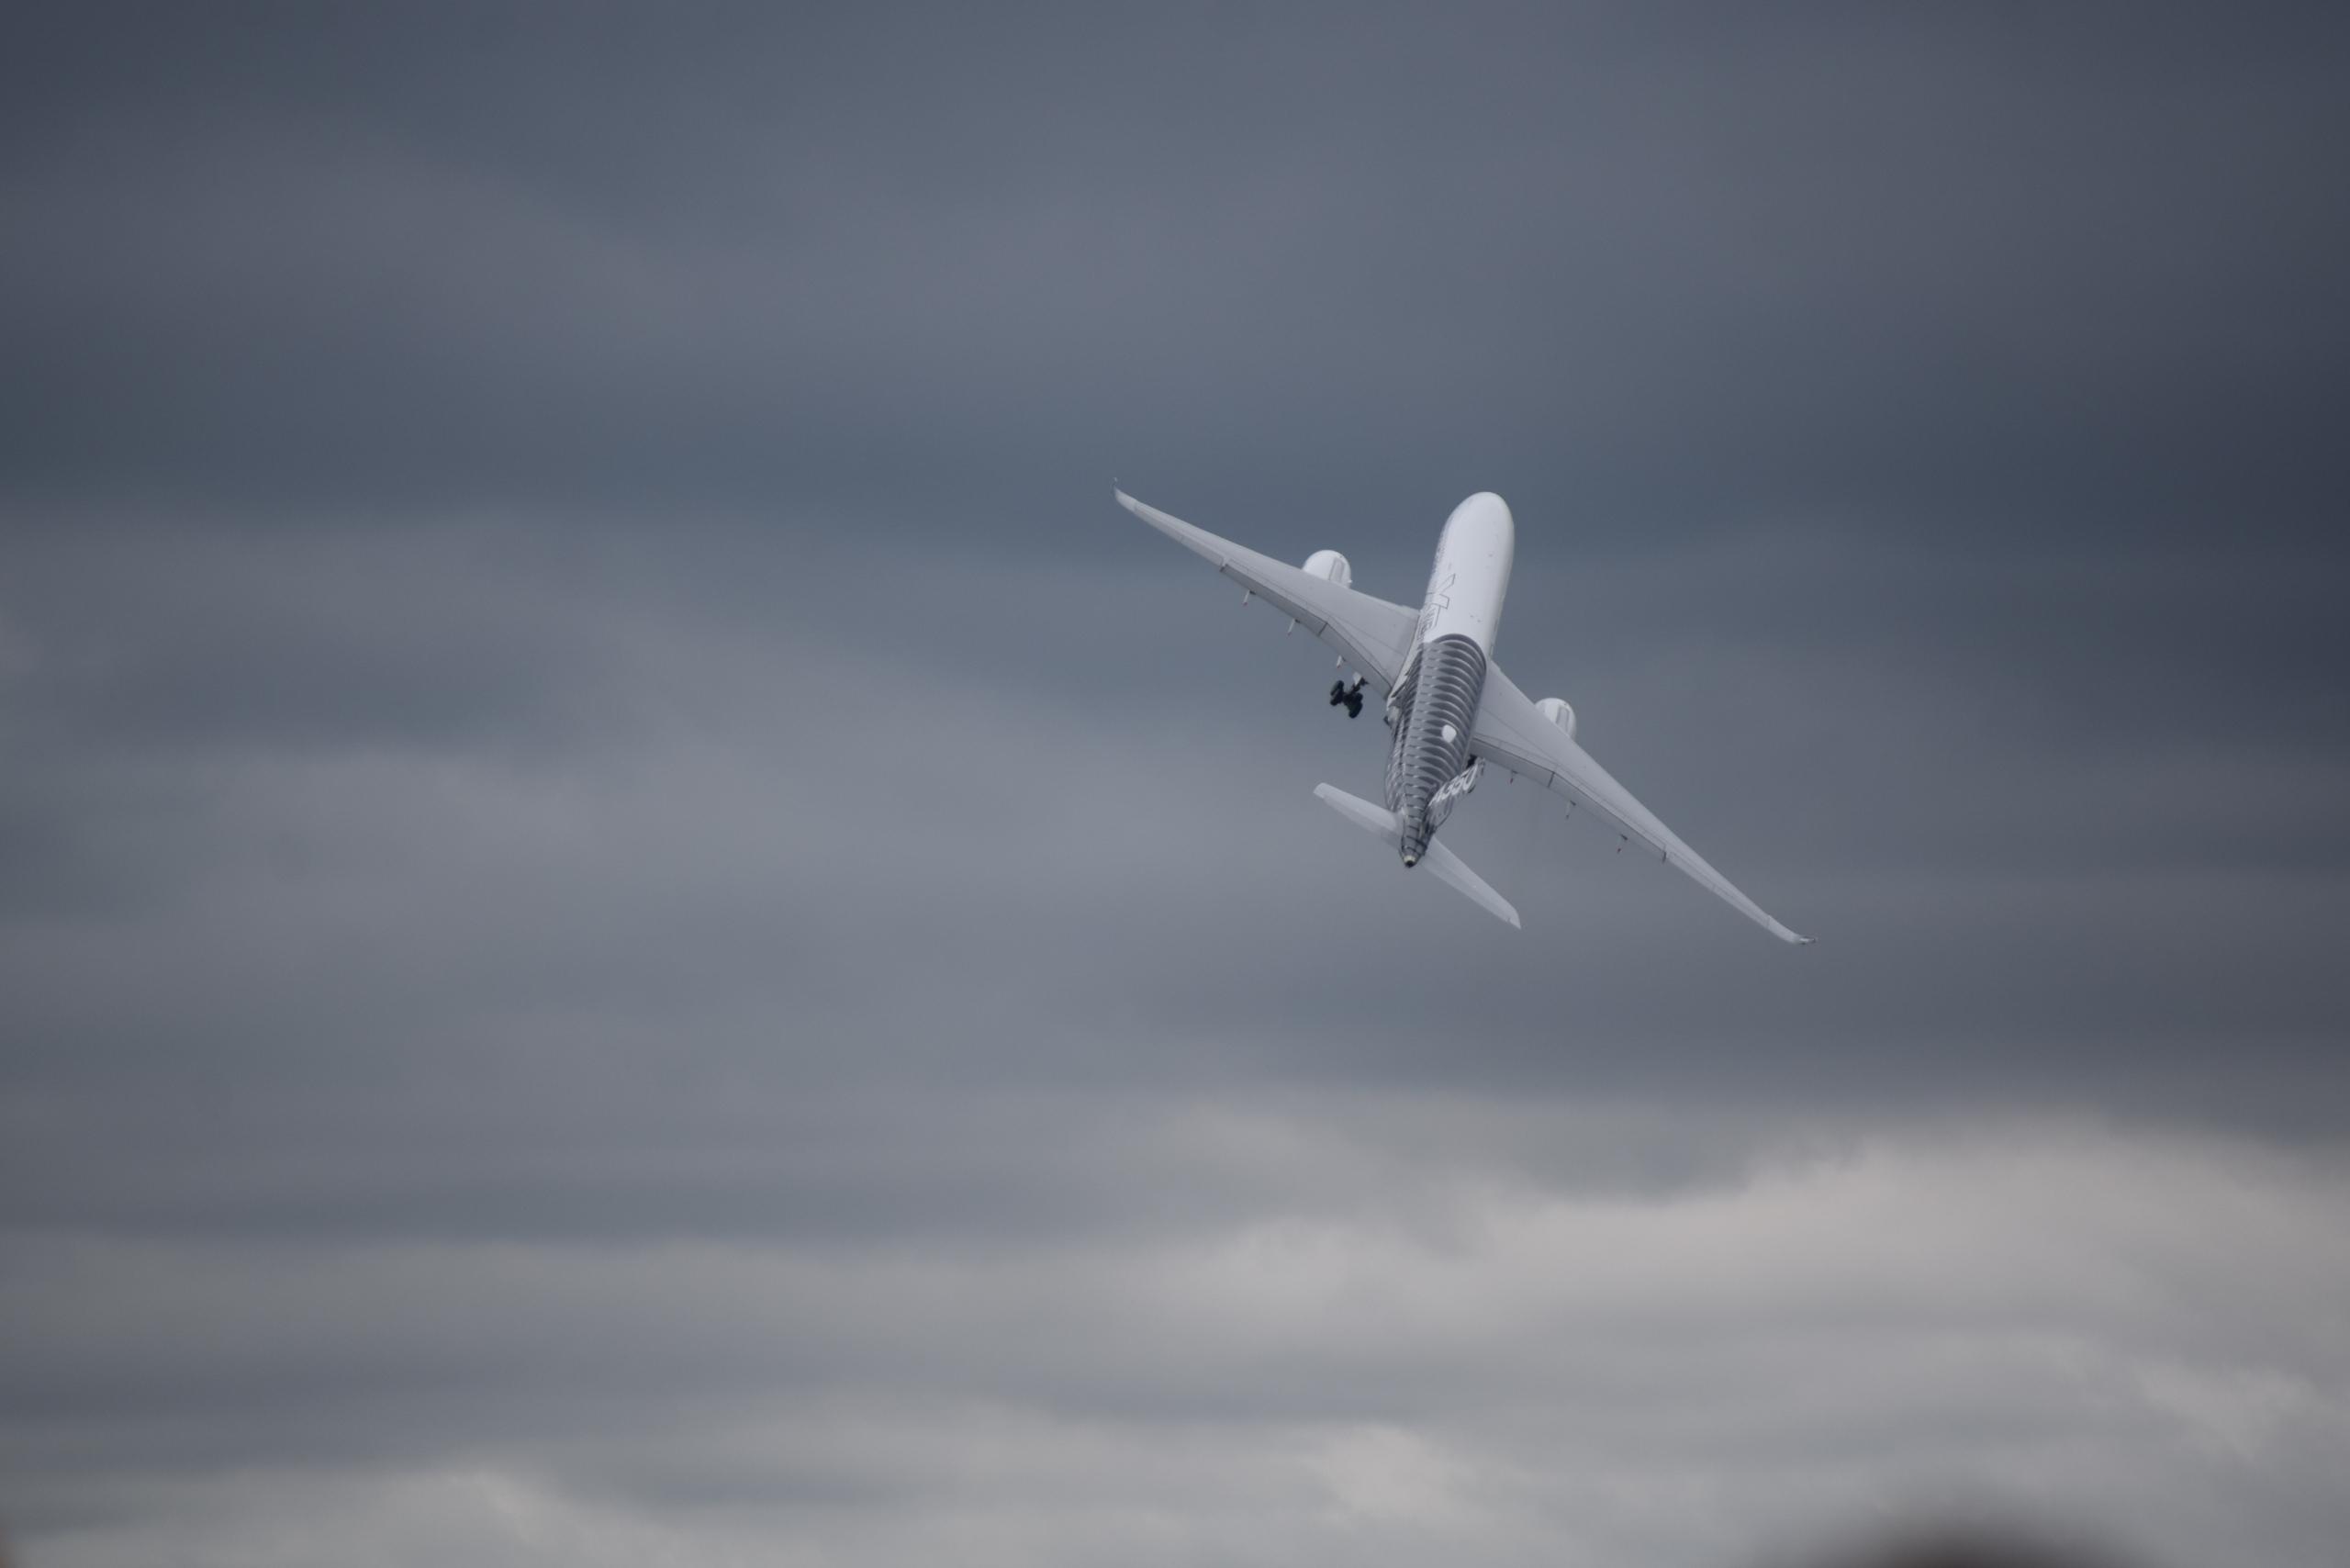 Farnborough Airshow 2016